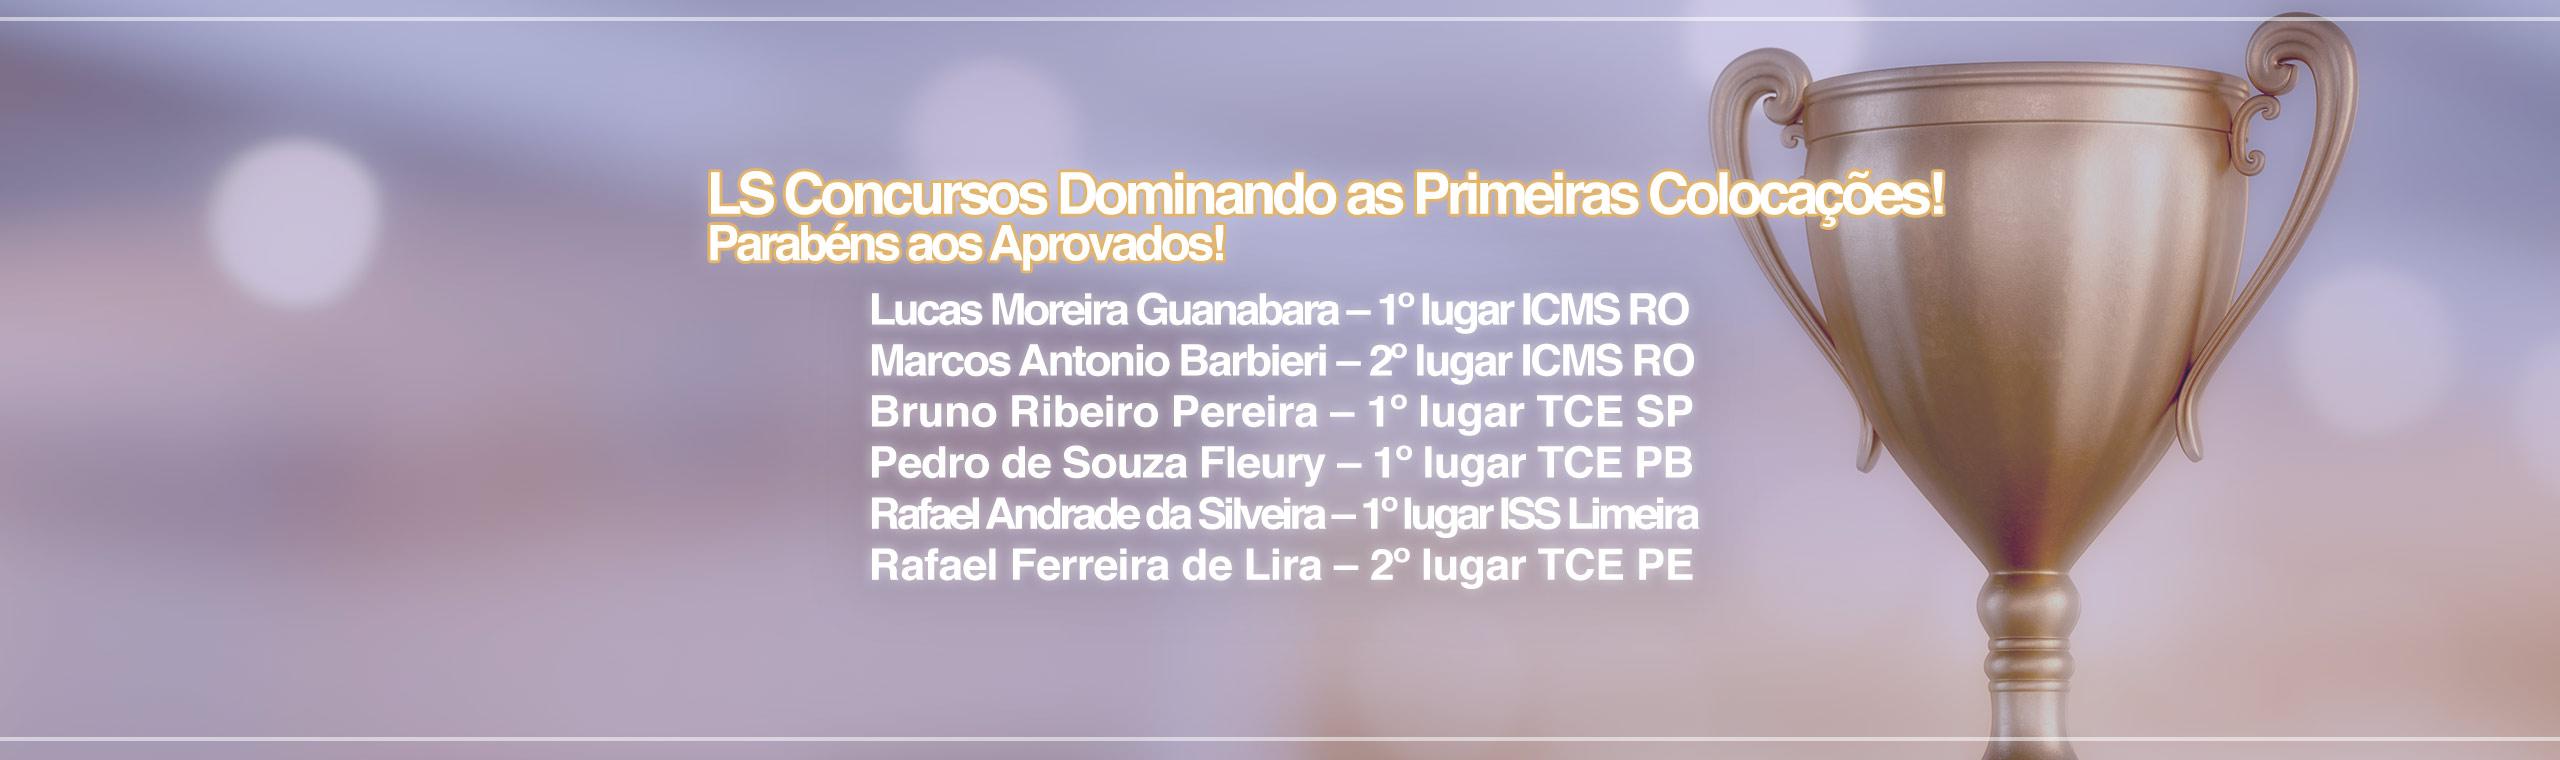 alunos LS aprovados nas primeiras colocações em ICMS RO, TCE SP, TCE PE, TCE PB, ISS Limeira